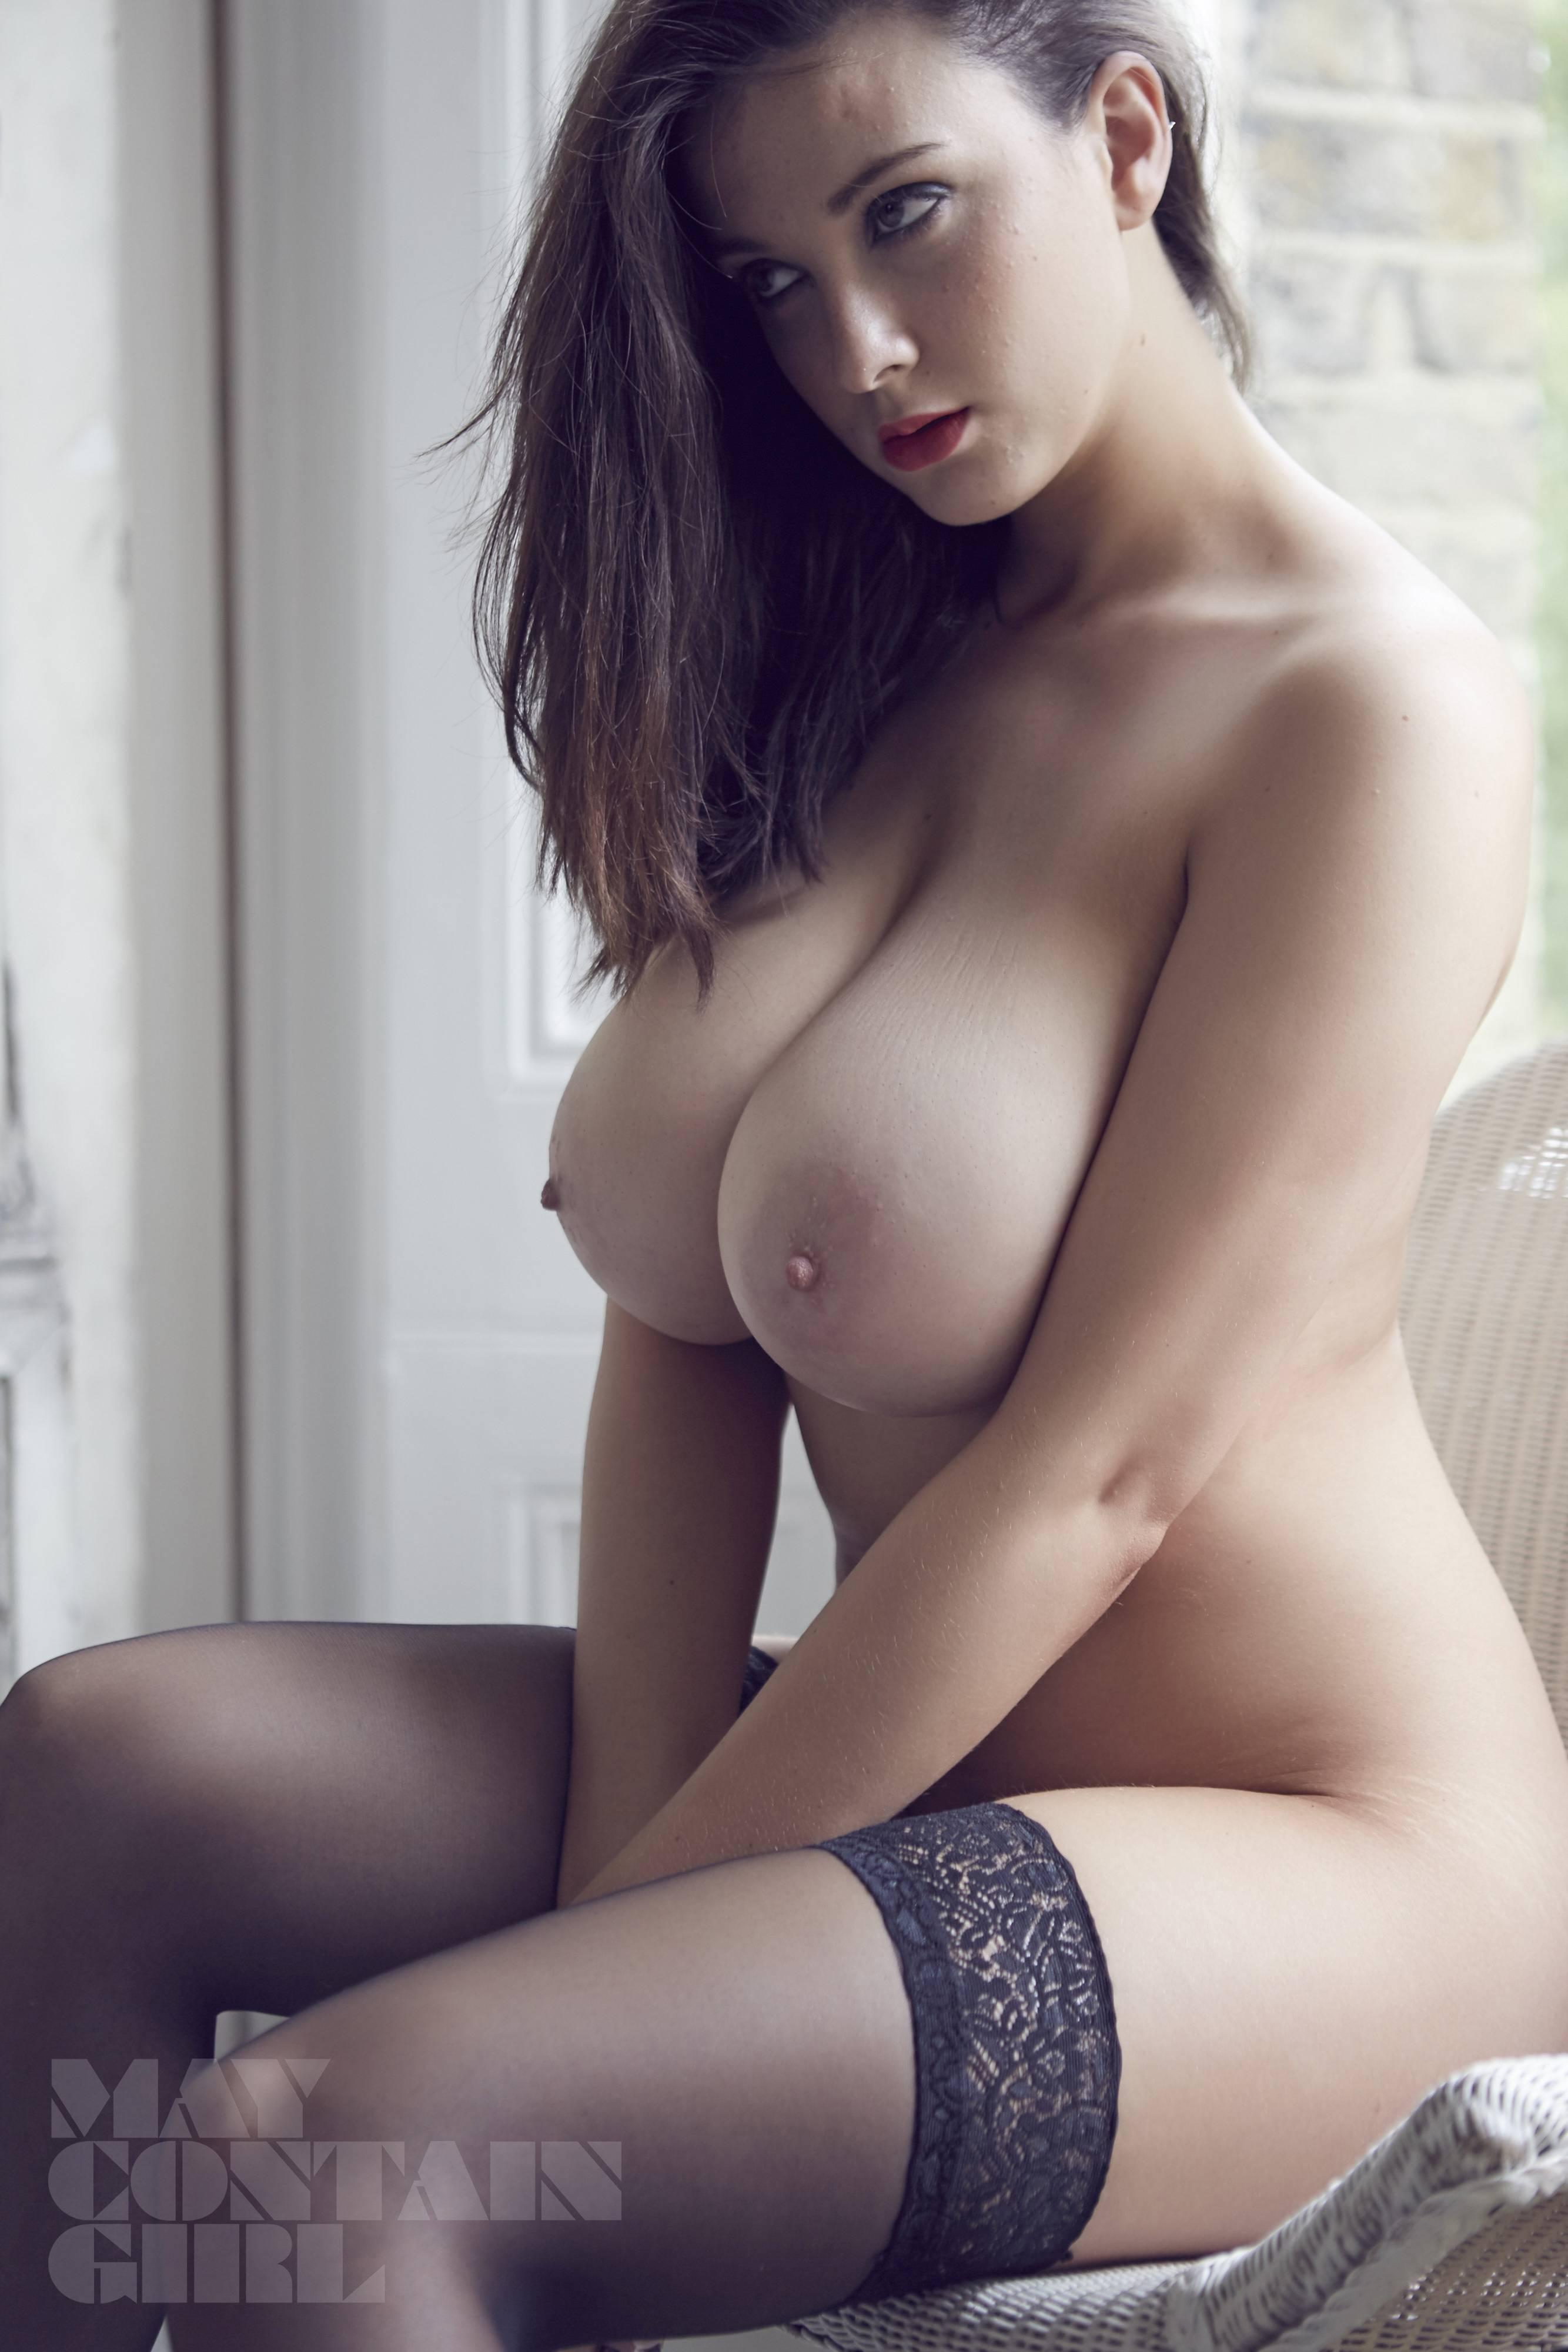 naked clewiston girls in derzhavinsk